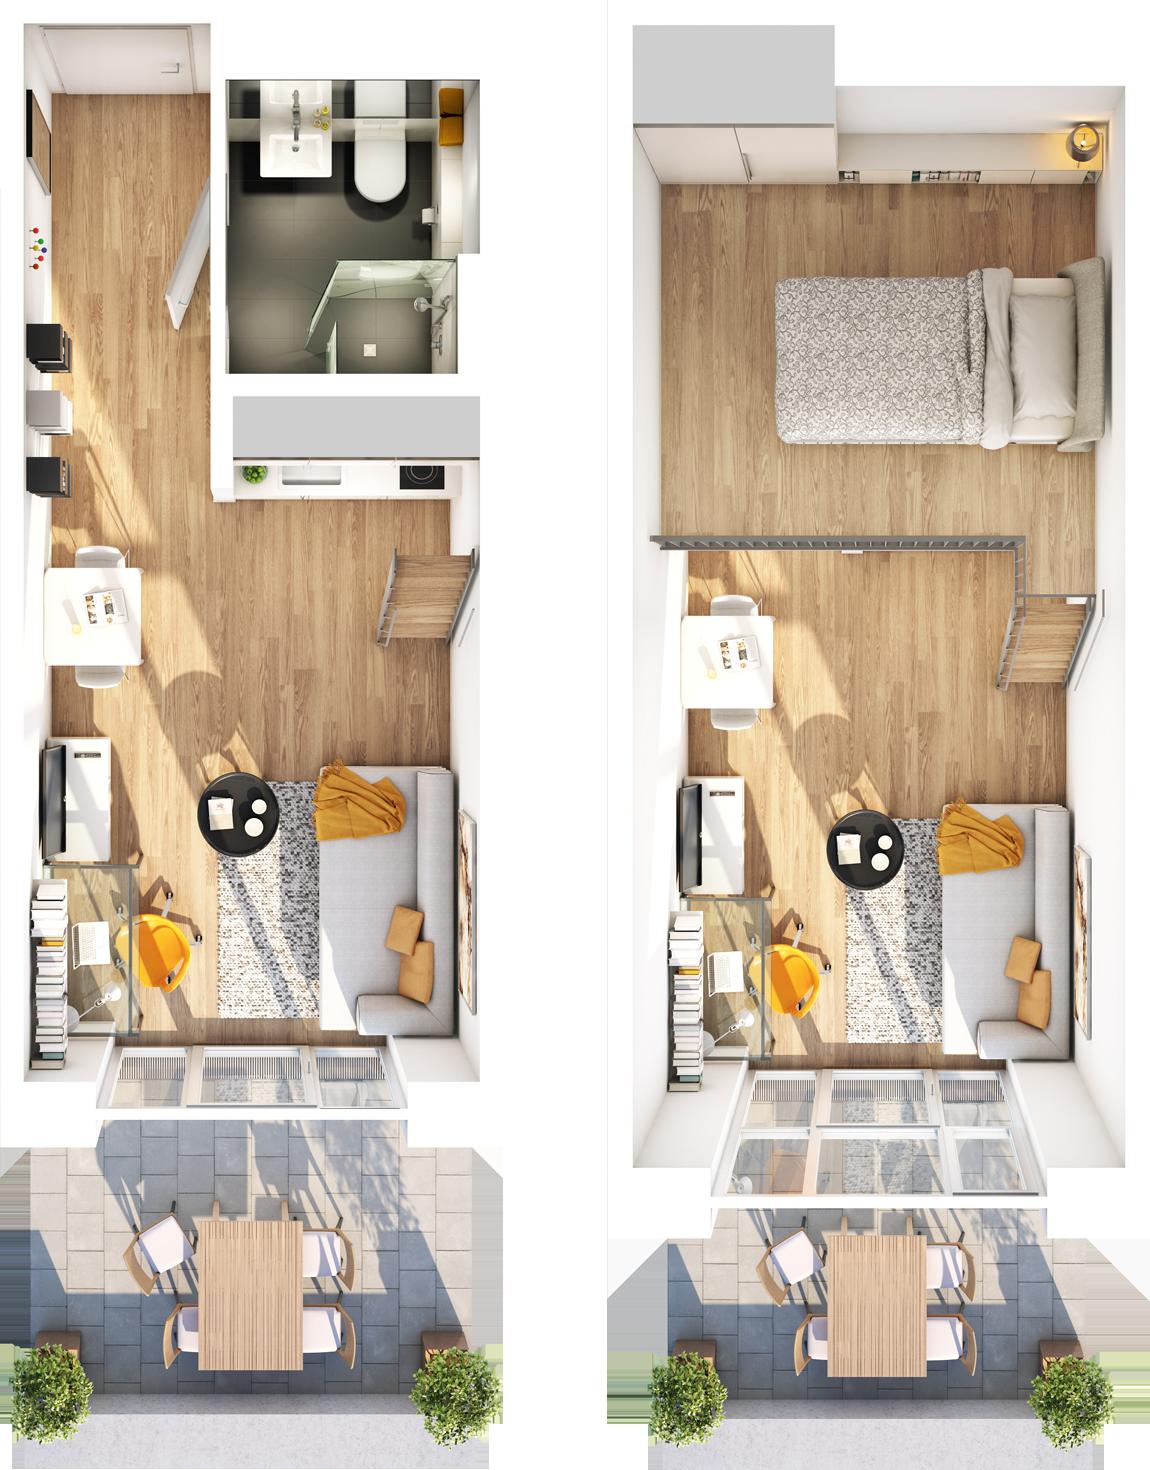 Galerie apartment studio i 1 5 zimmer studiosus 5 for Mini wohncontainer